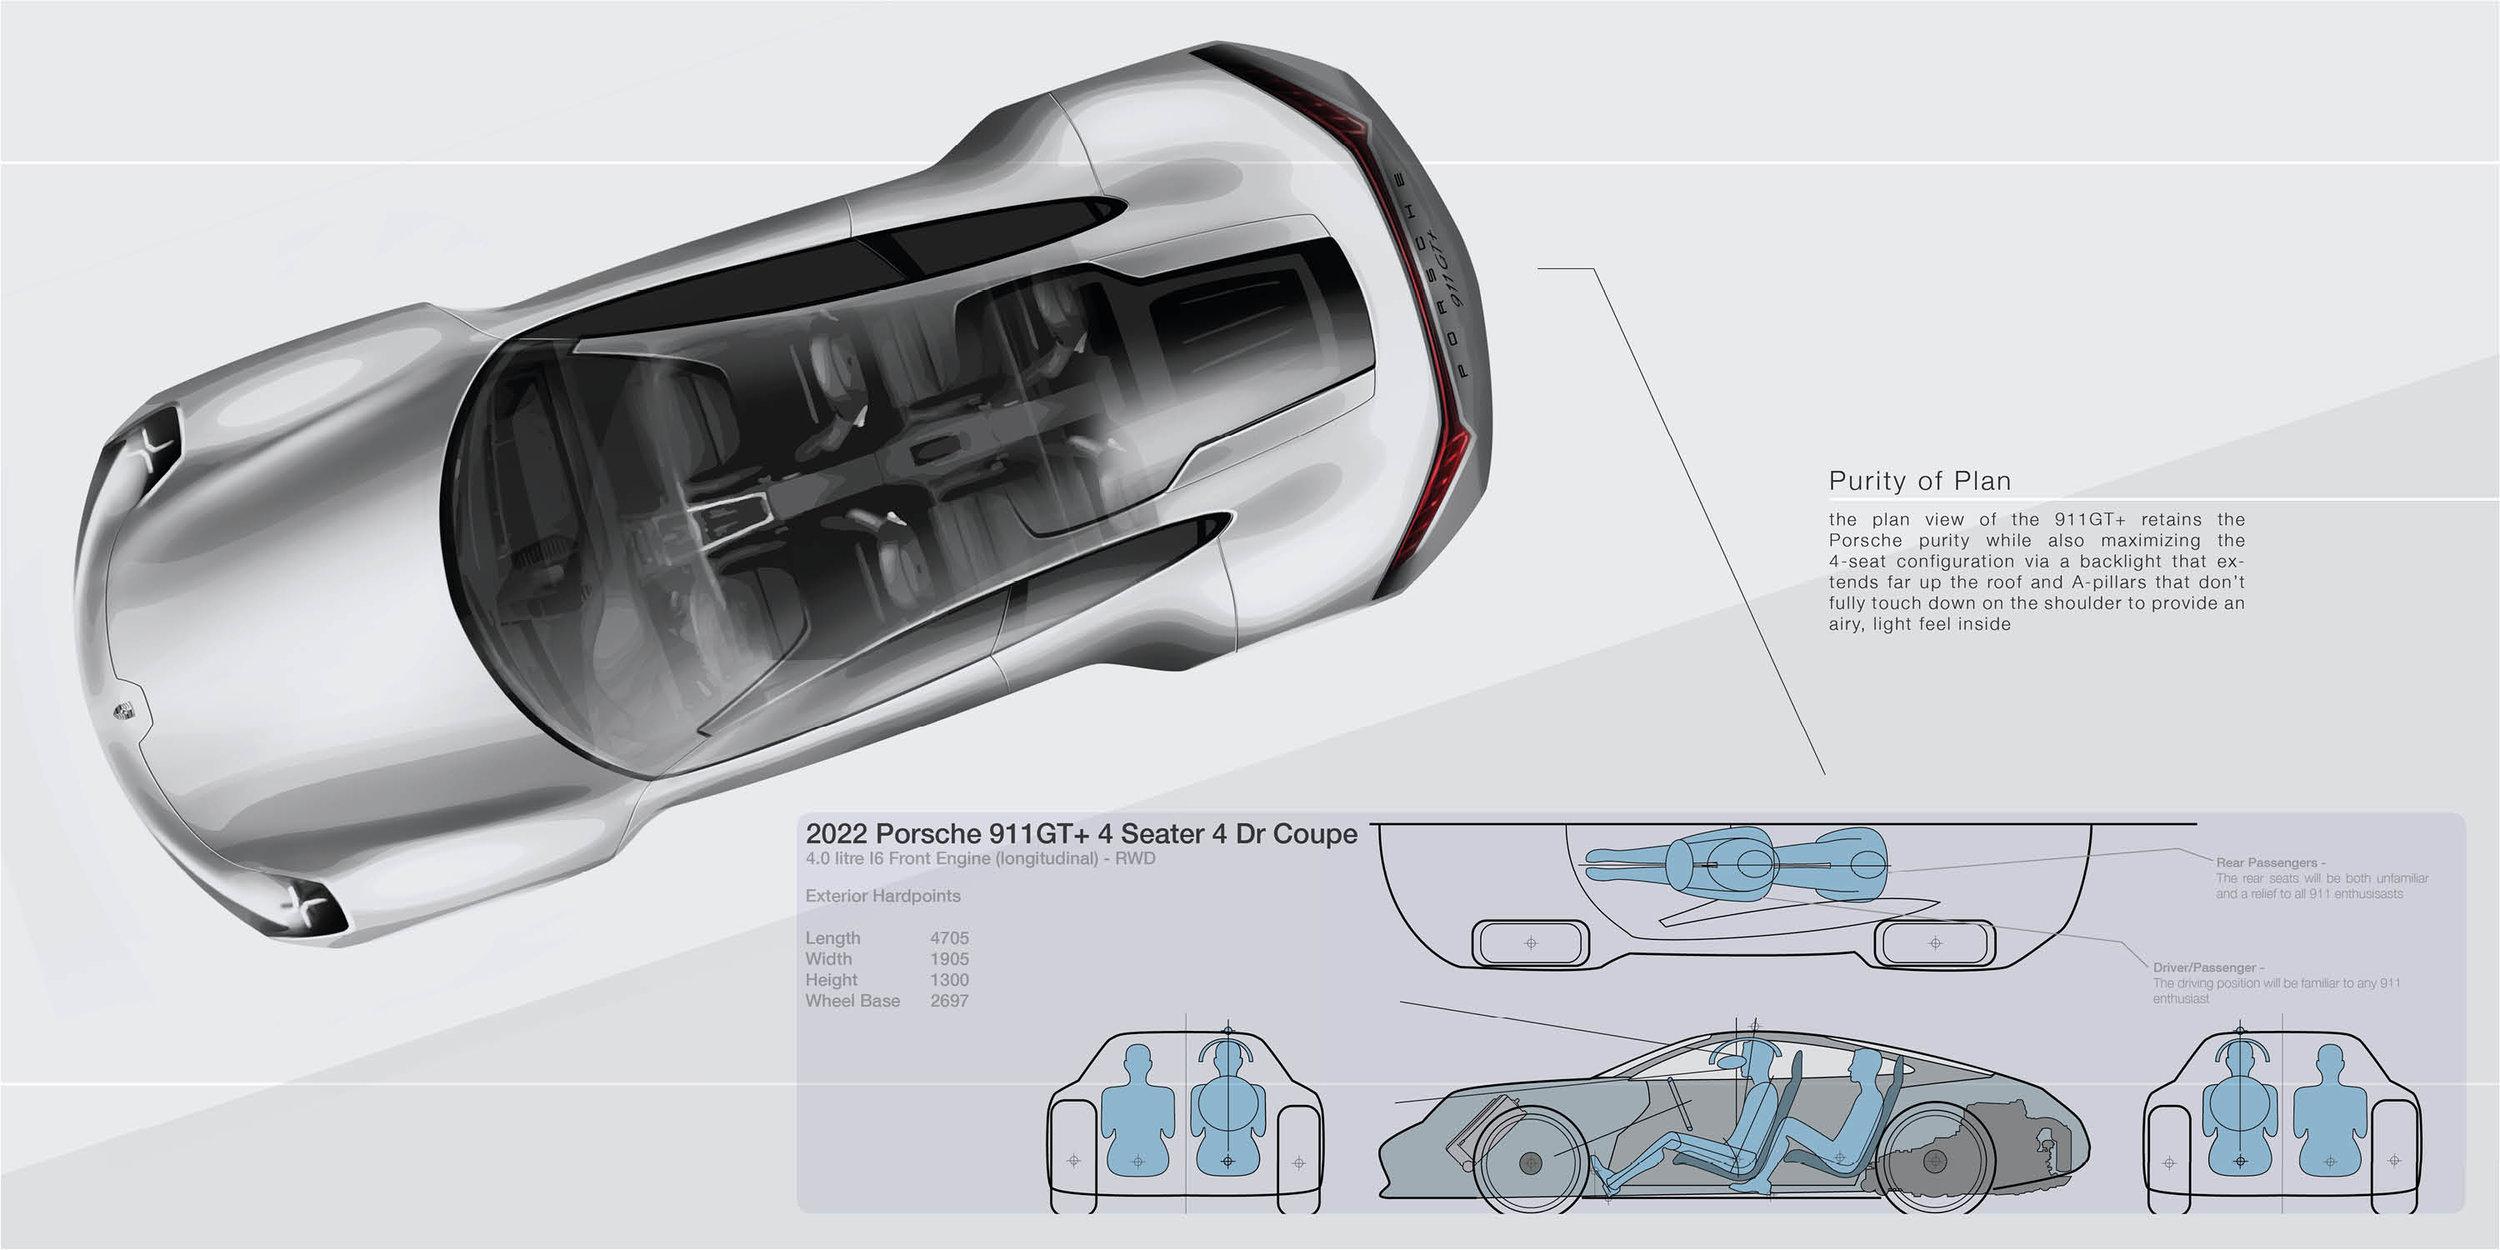 Porsche 911 Gt Nathan Malinick Audi 4 2 Engine Diagram Front Portfolio 222201832